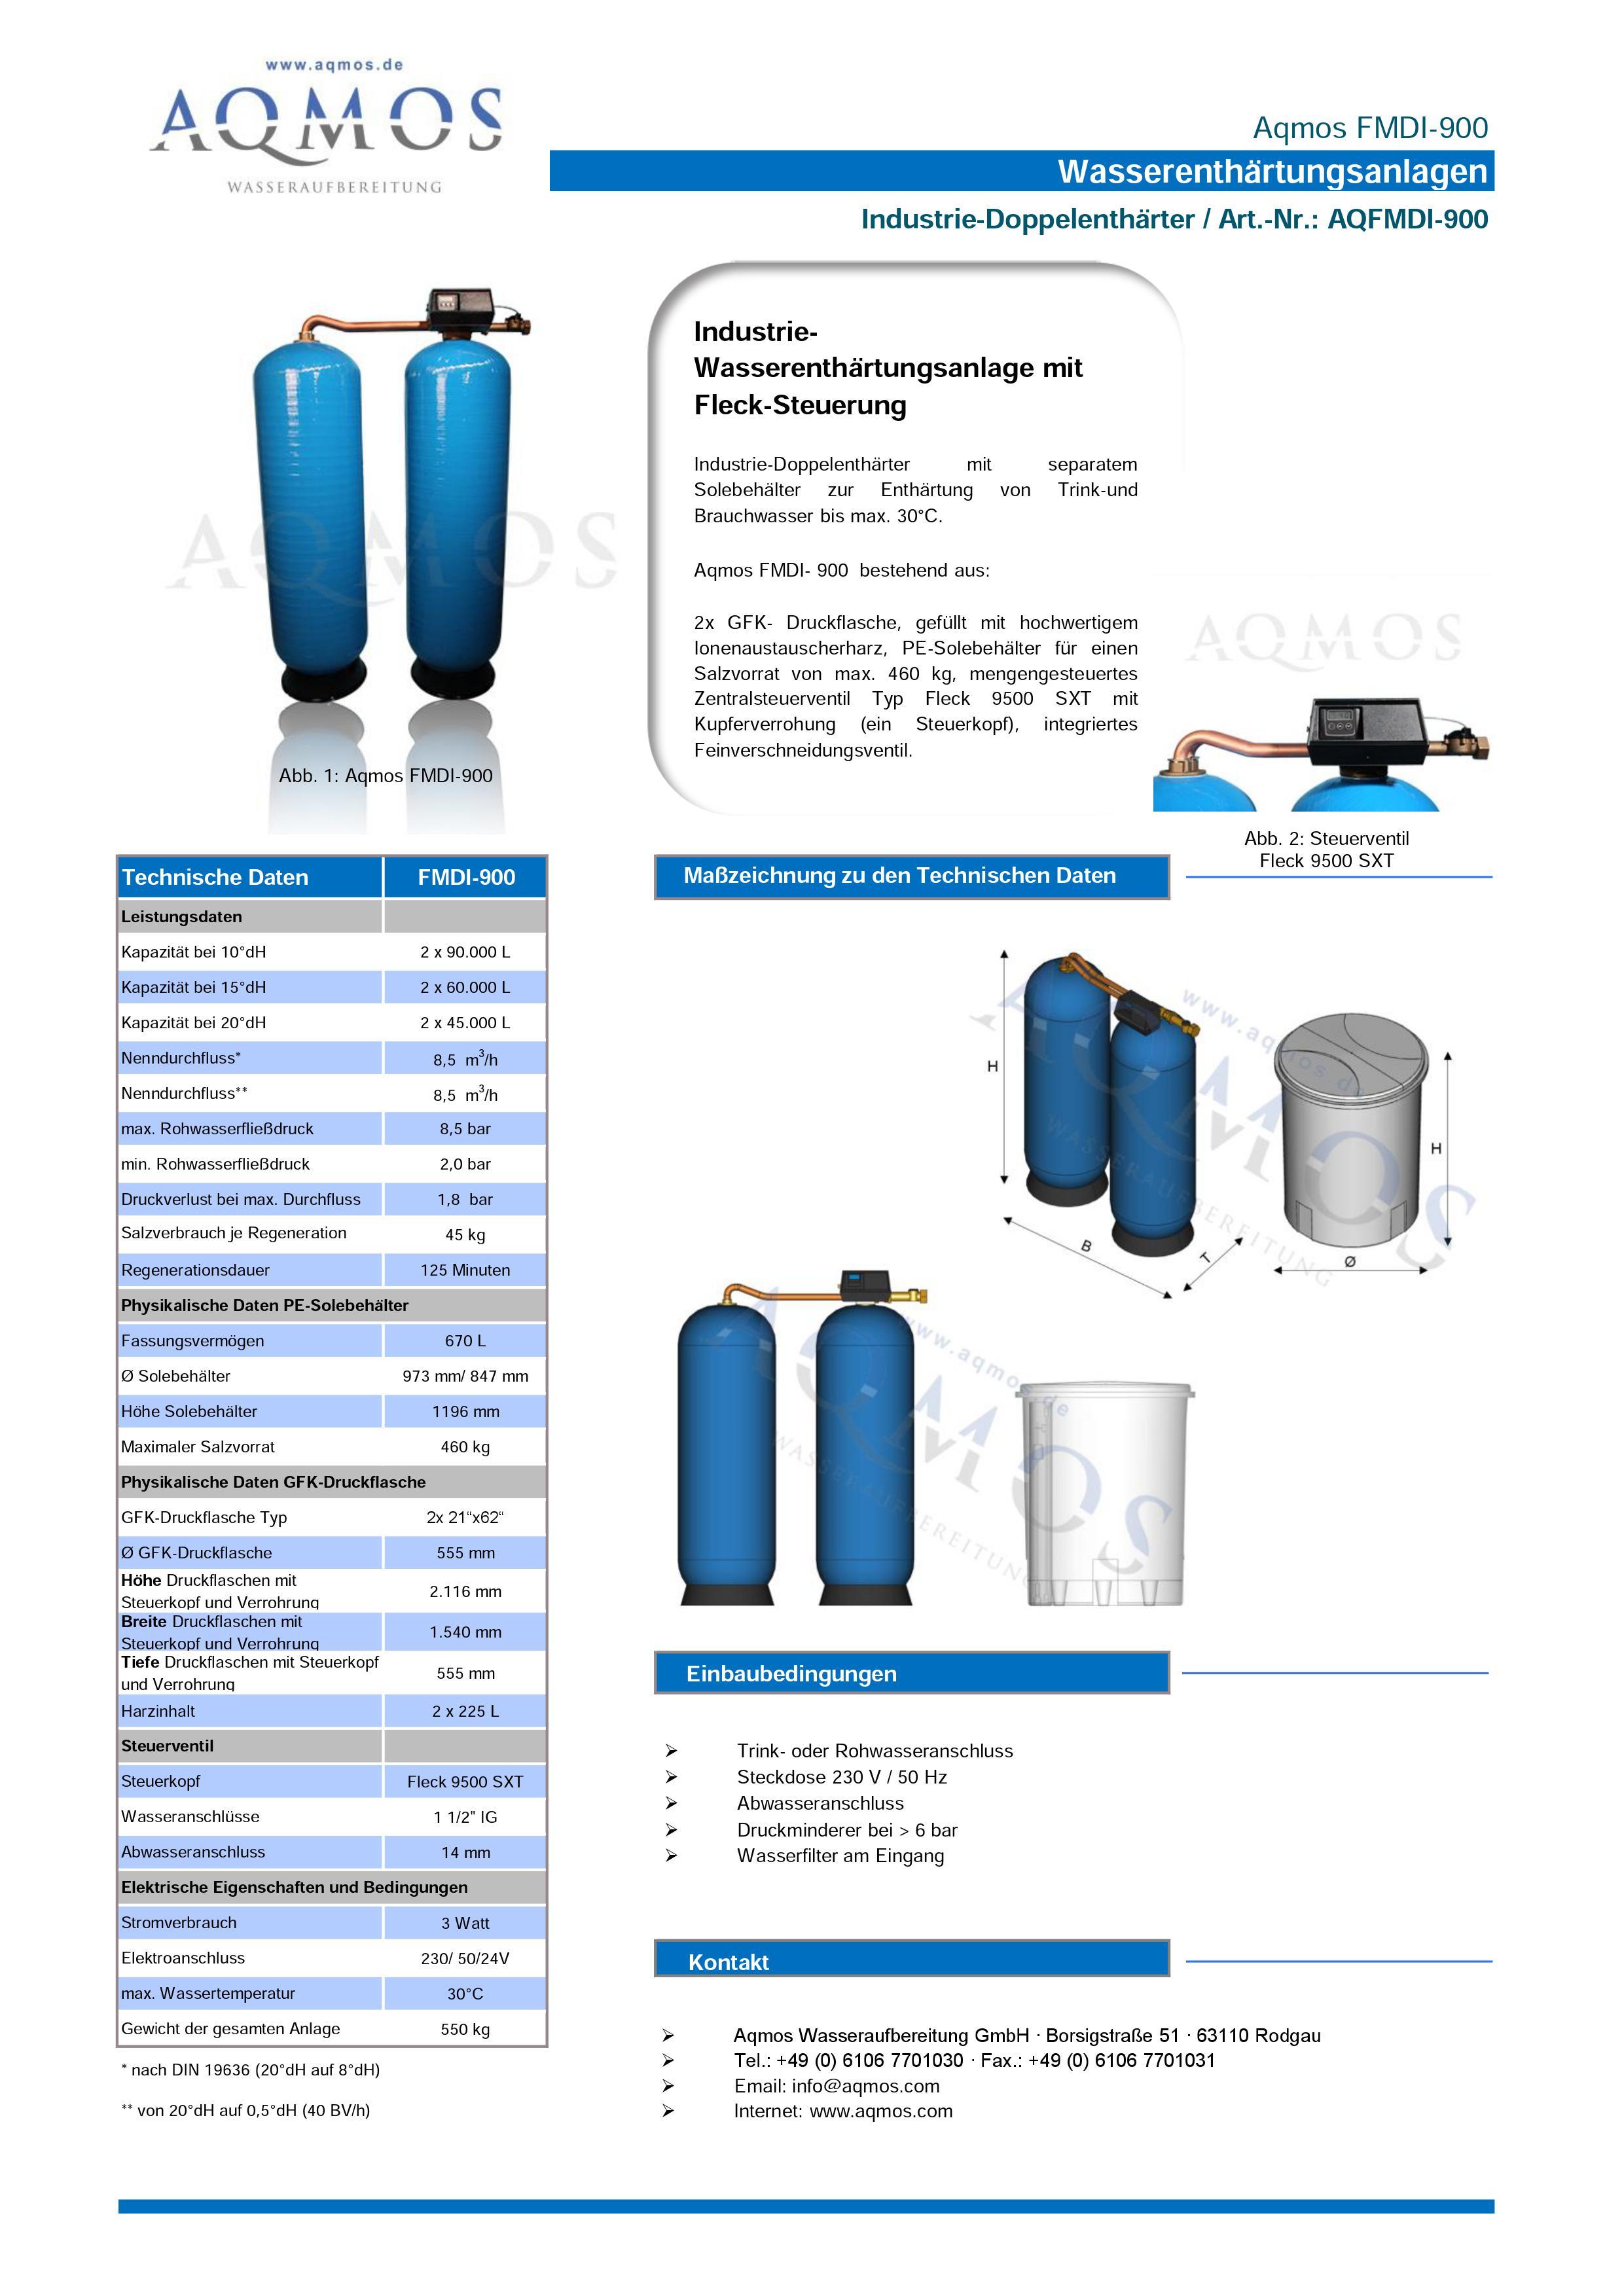 Aqmos-FMDI-900